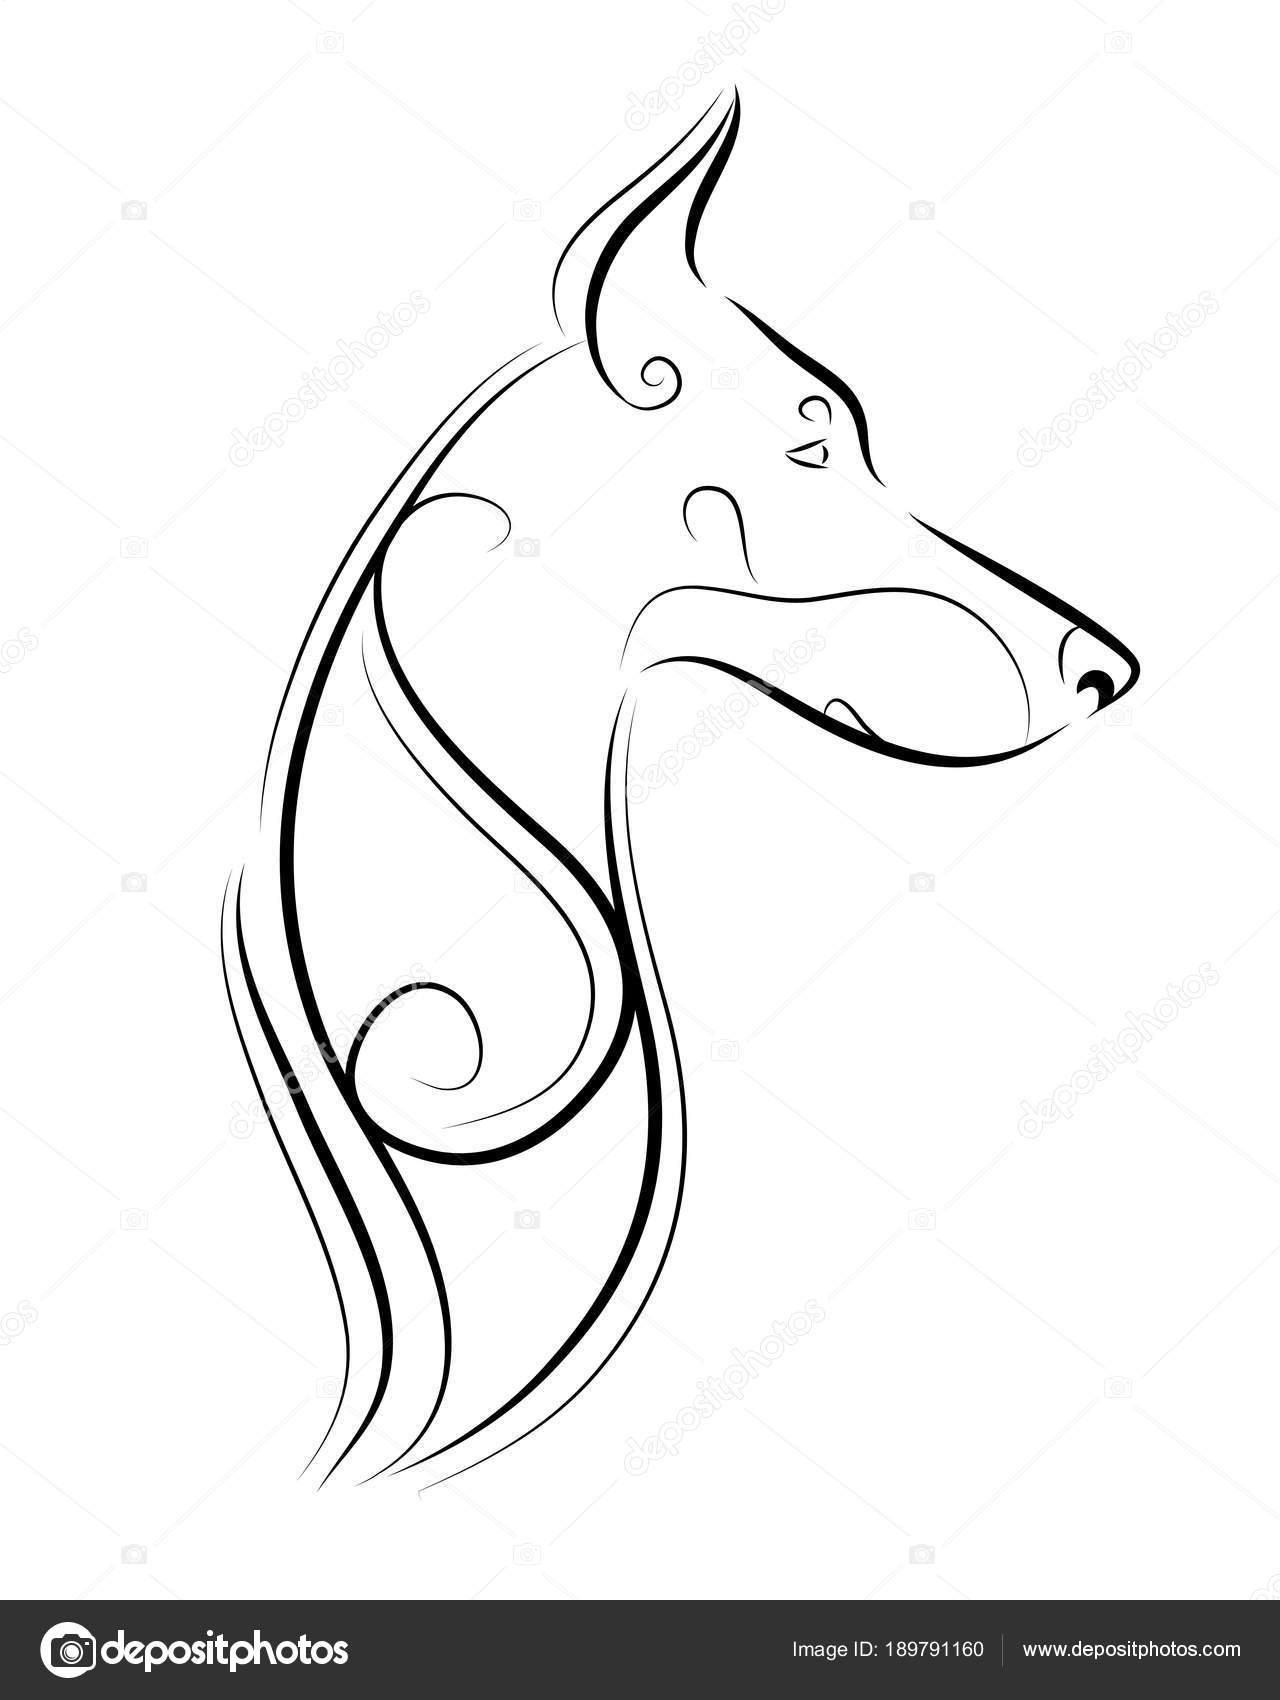 Siluetas De Animales Para Imprimir Doberman Pinscher Línea Arte